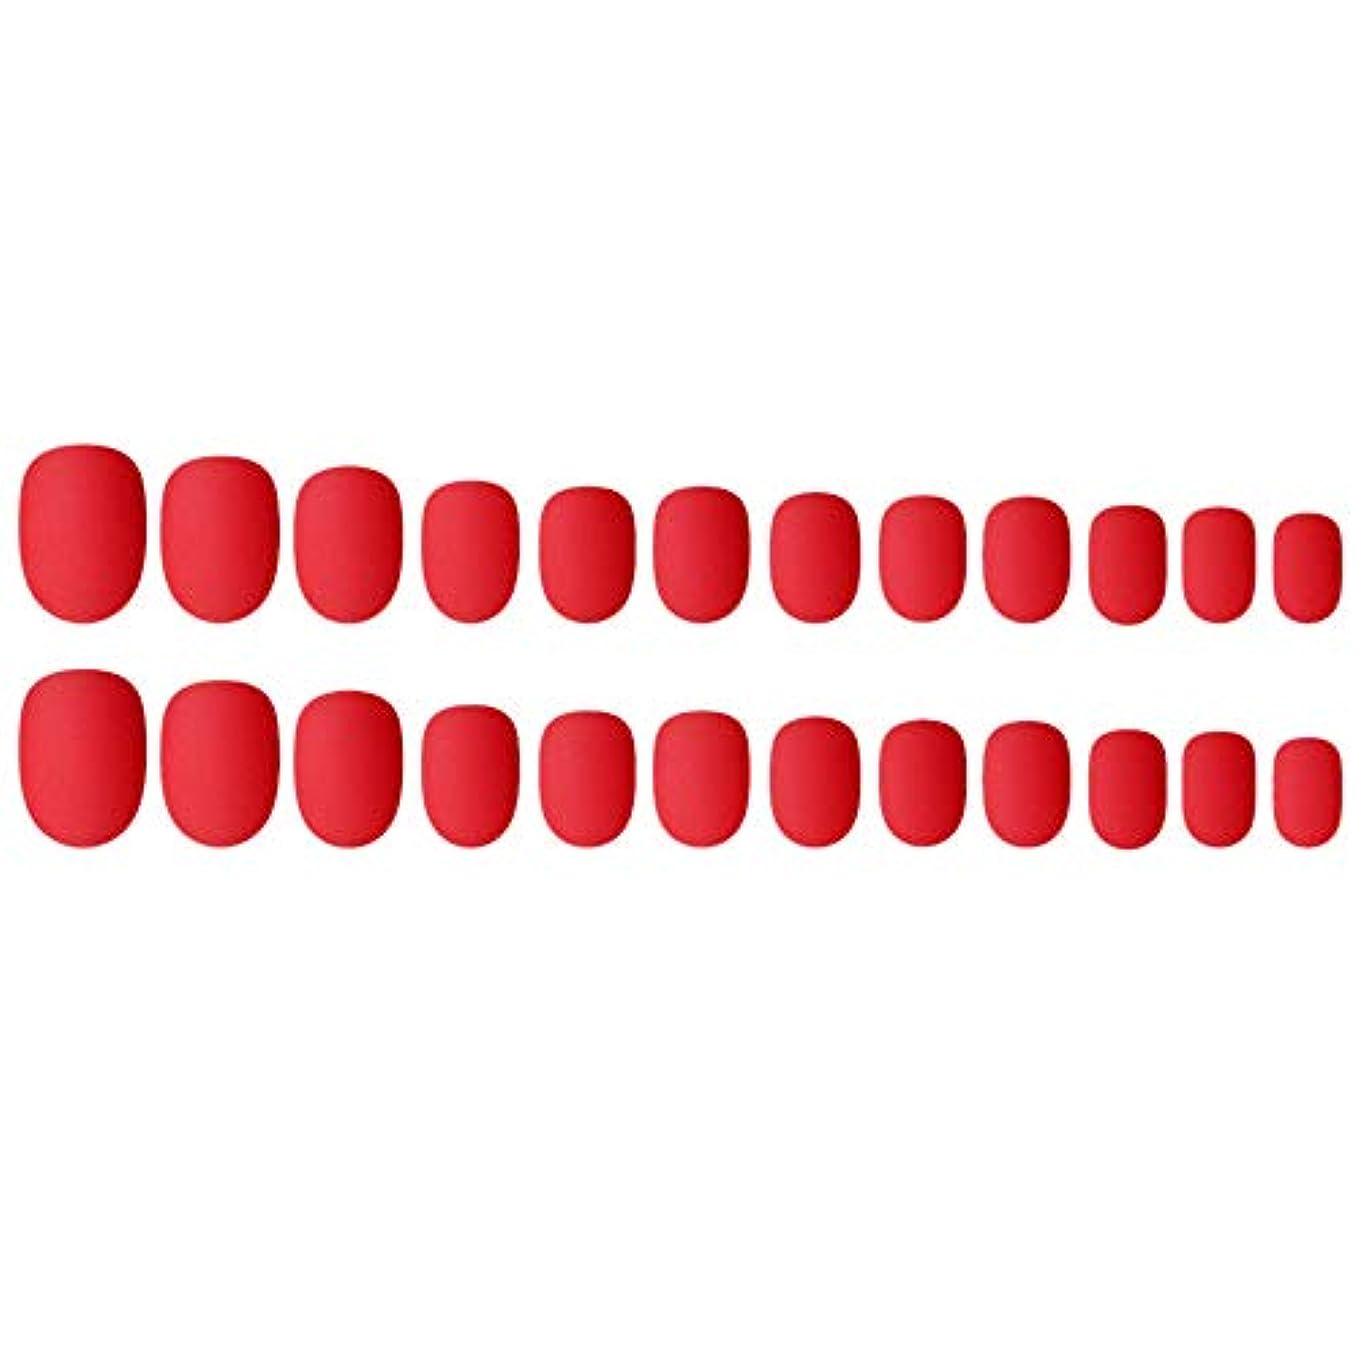 かりて差し控える繁栄するDecdeal ネイルチップ 24ピース 偽ネイルのヒント 12種類のサイズ ネイルサロン diy ネイルアートツール